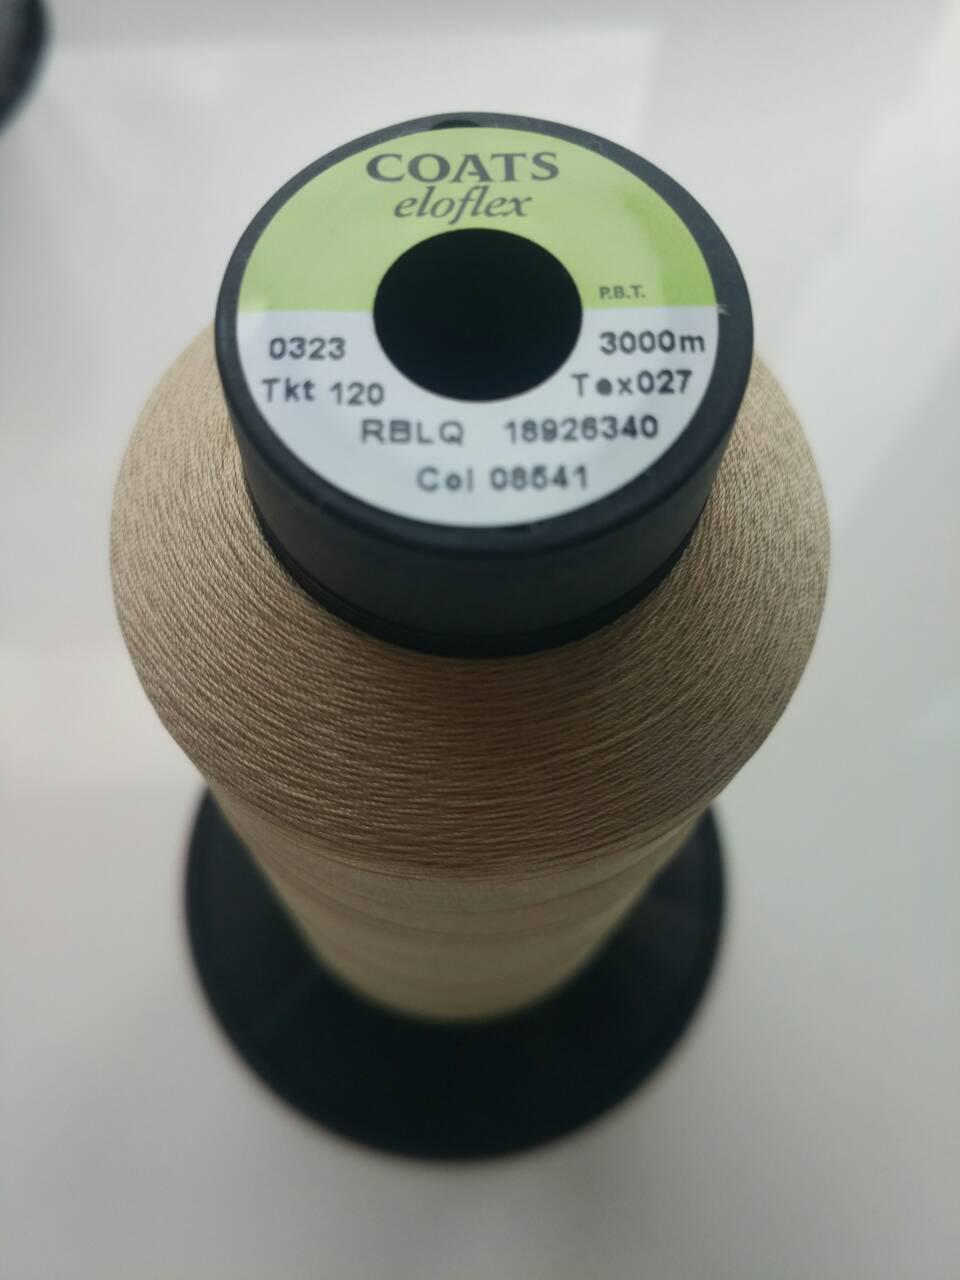 Coats eloflex 120/3000м / кол 08541